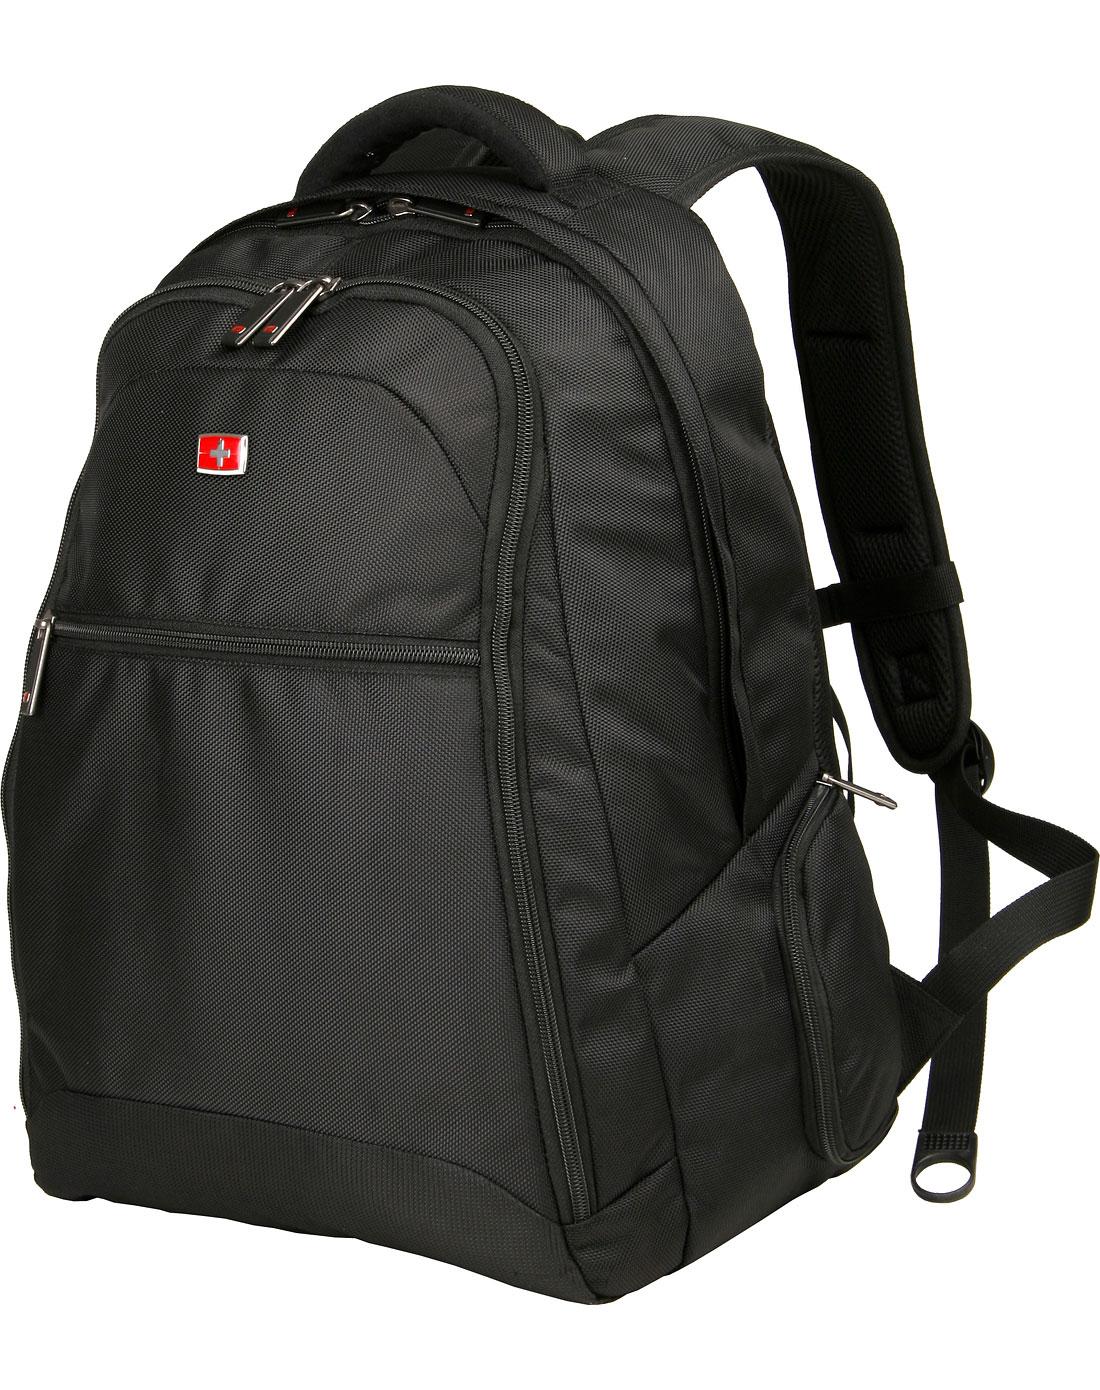 男士专场-中性款黑色双肩电脑背包